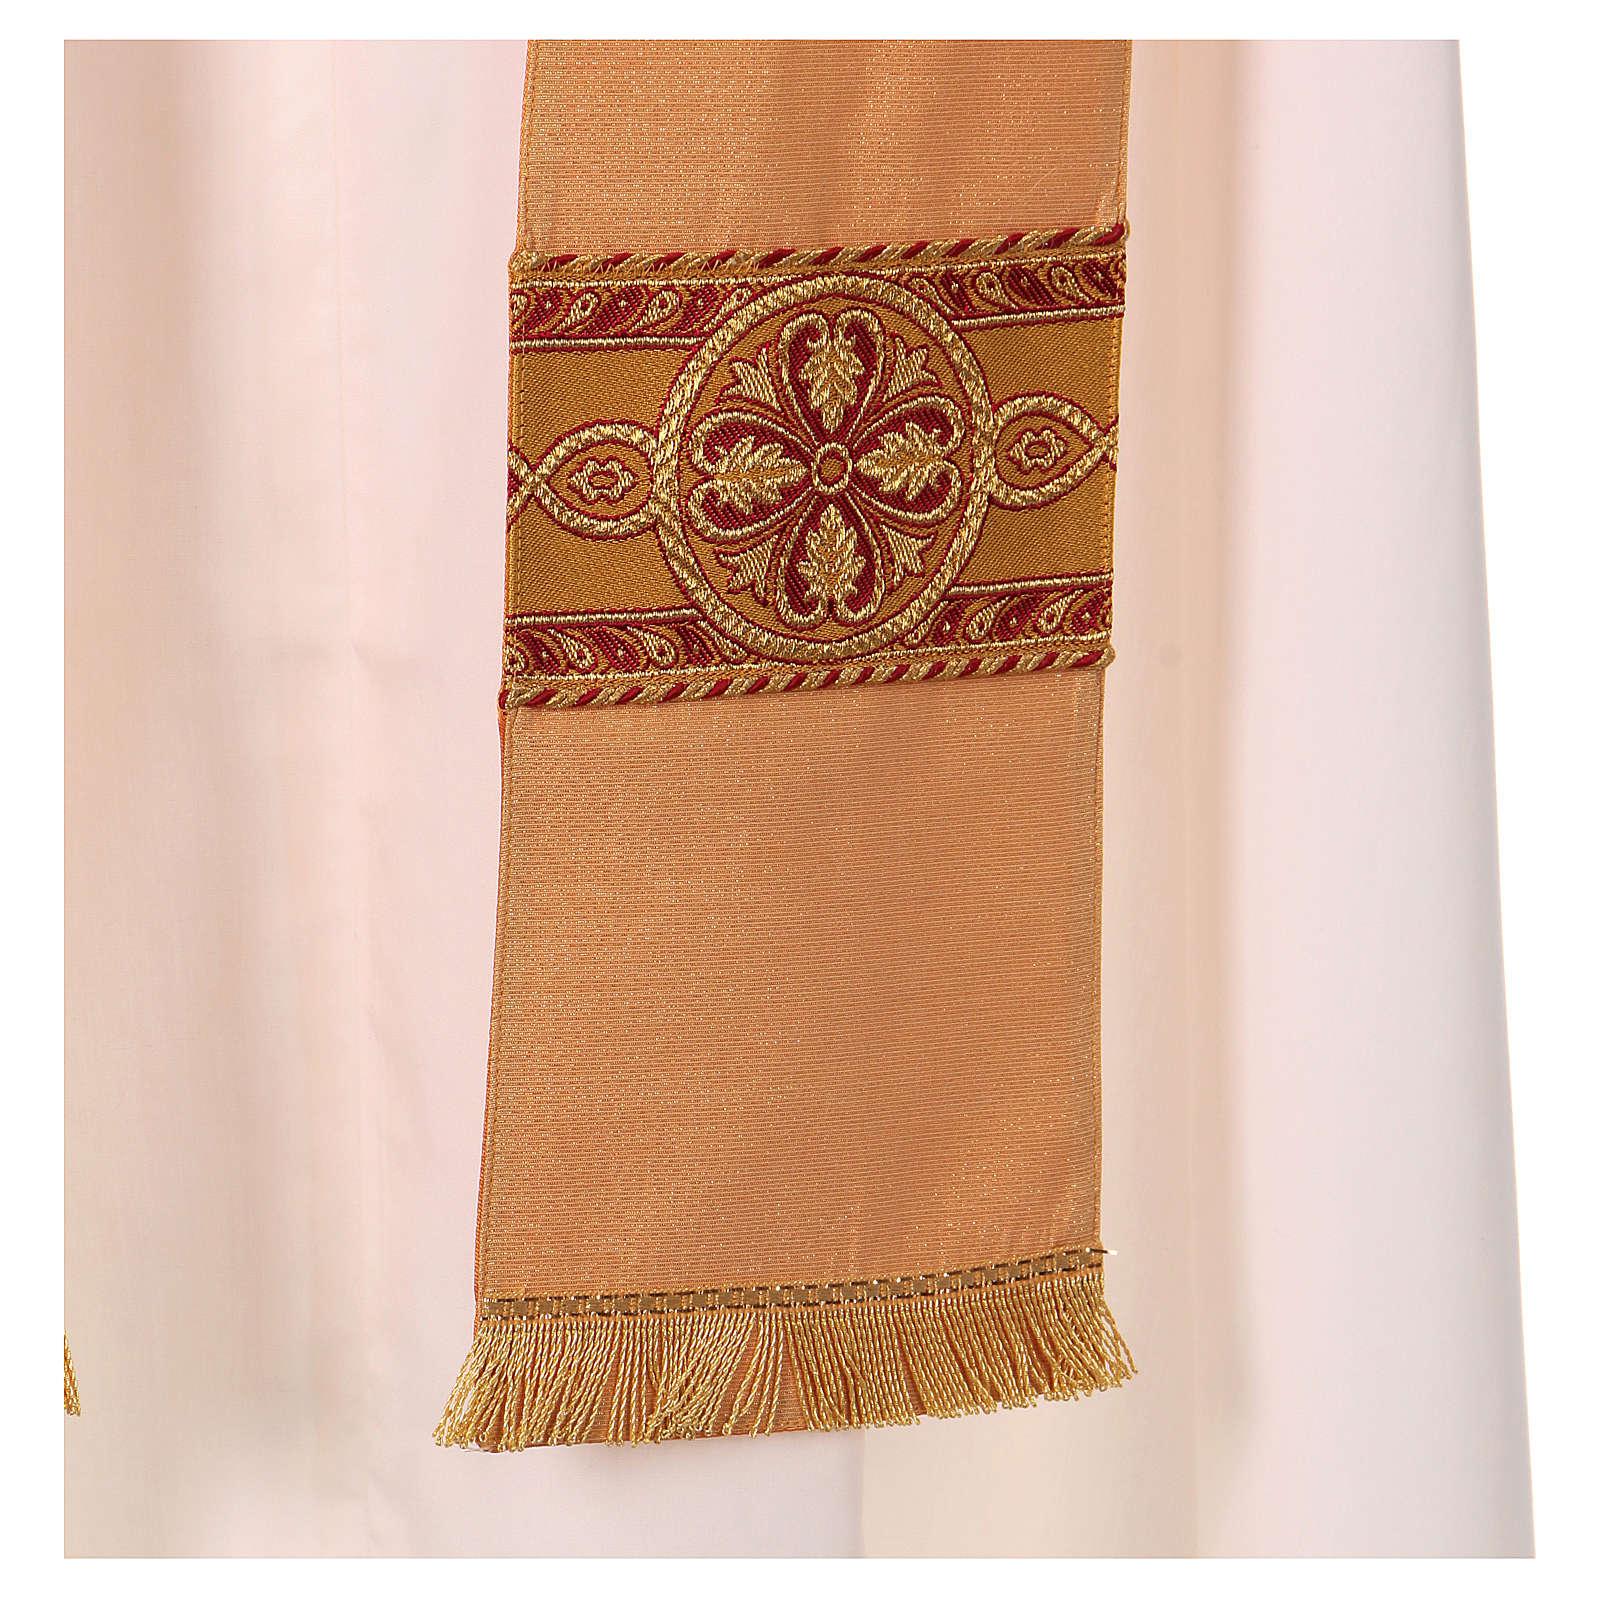 Casula tessuto di lana poliestere e lurex gallone applicazione diretta su mantello 4